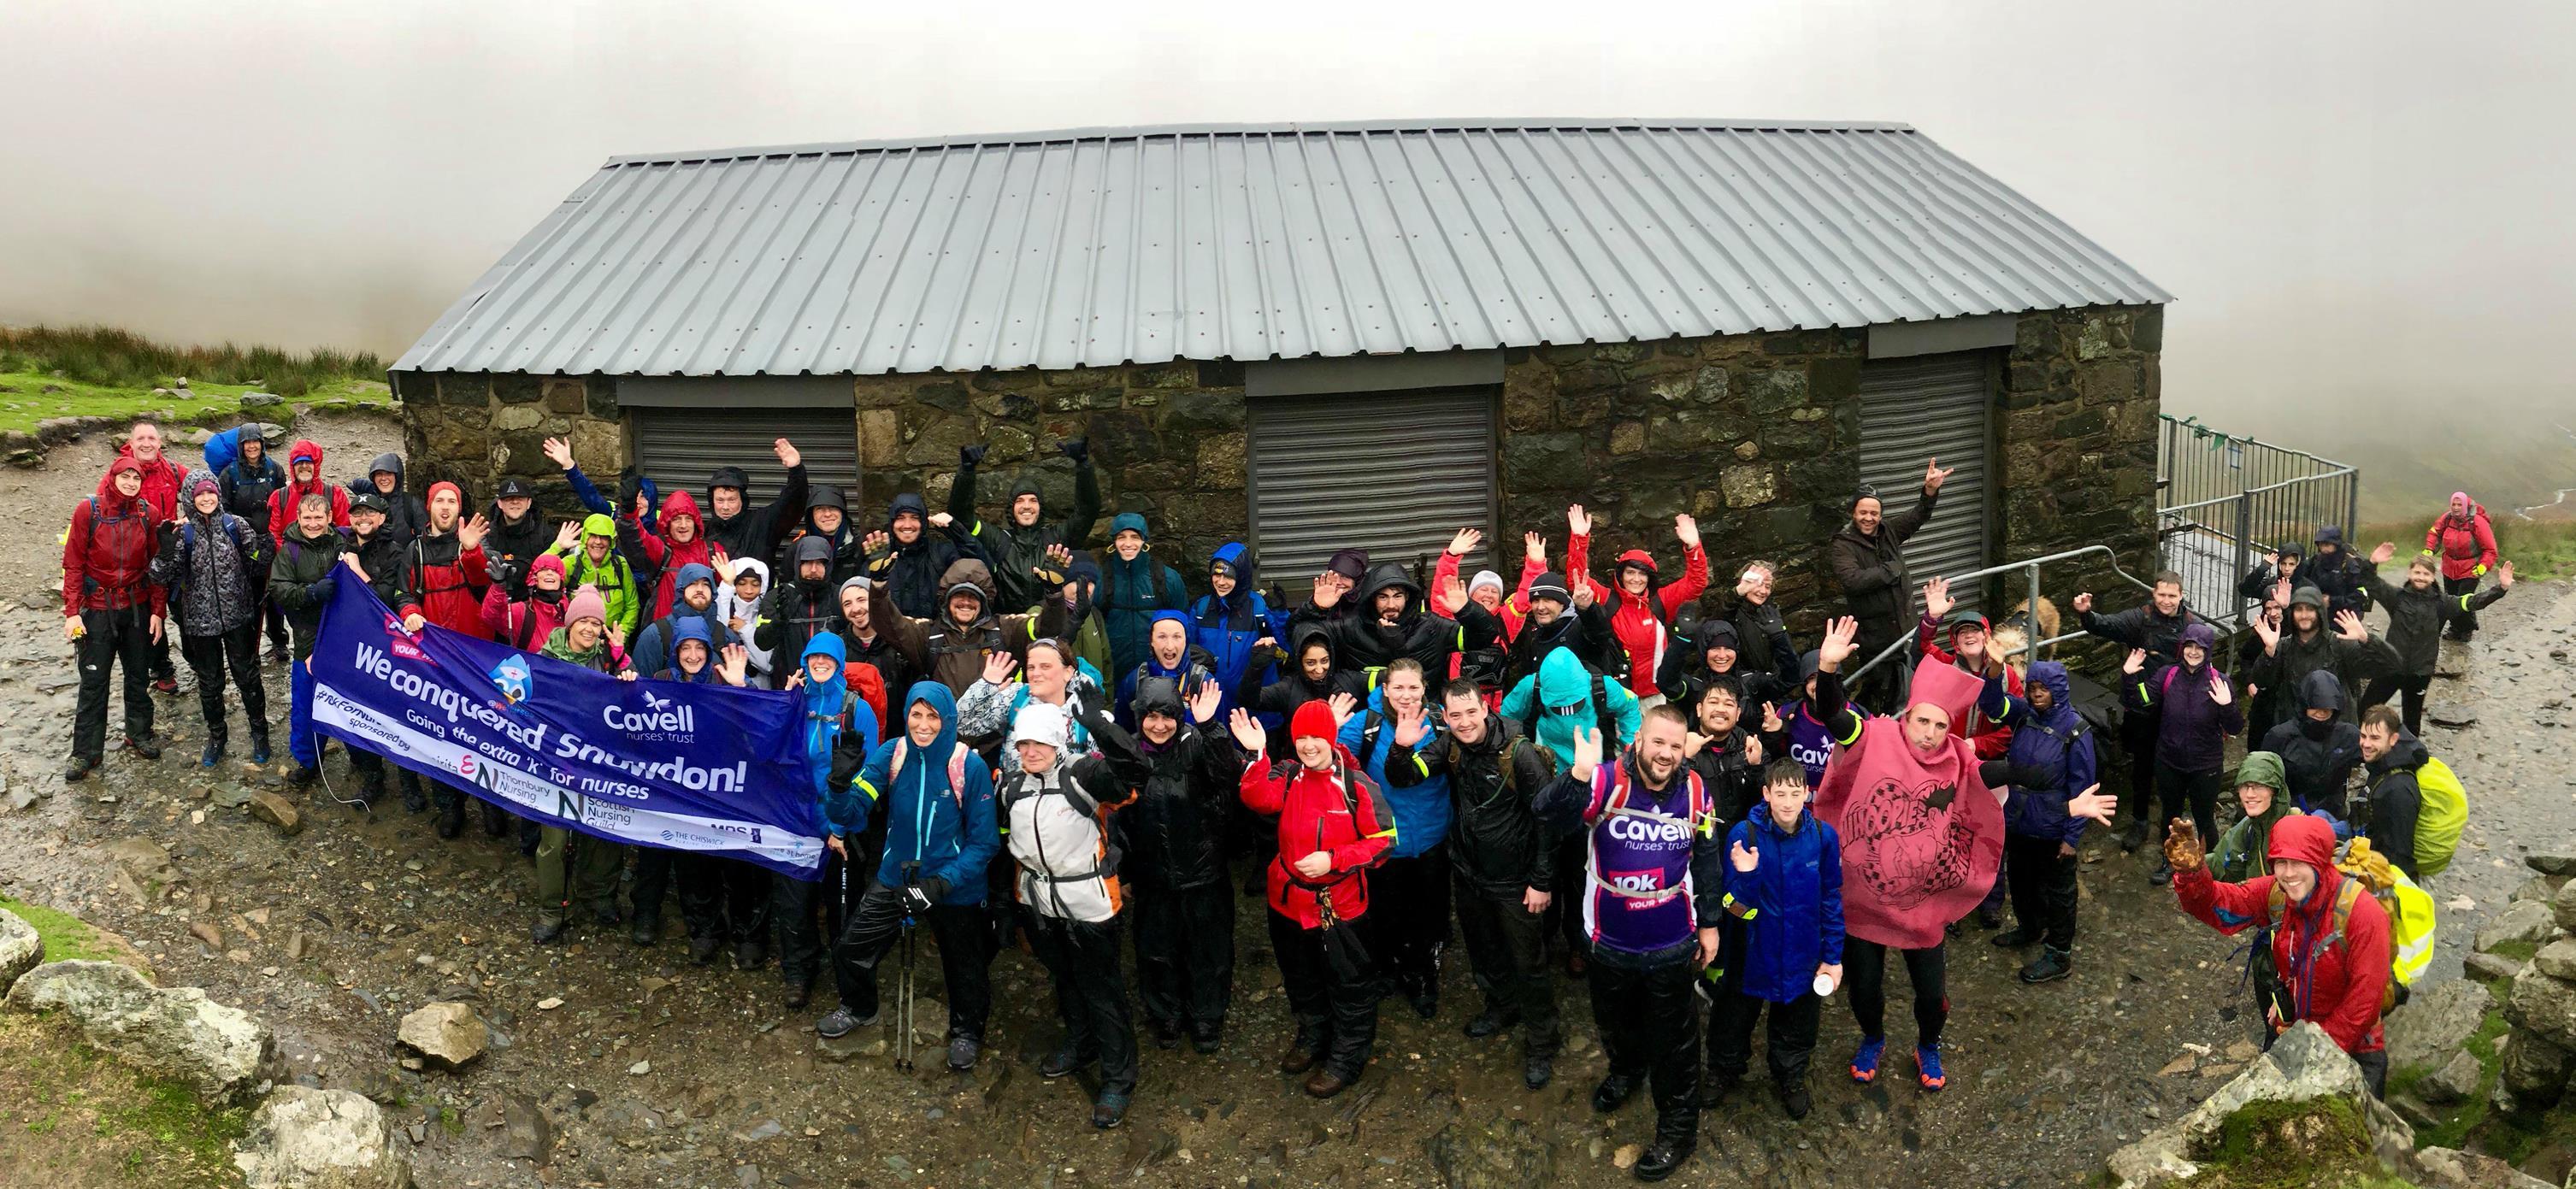 2018 Snowdon Hike participants